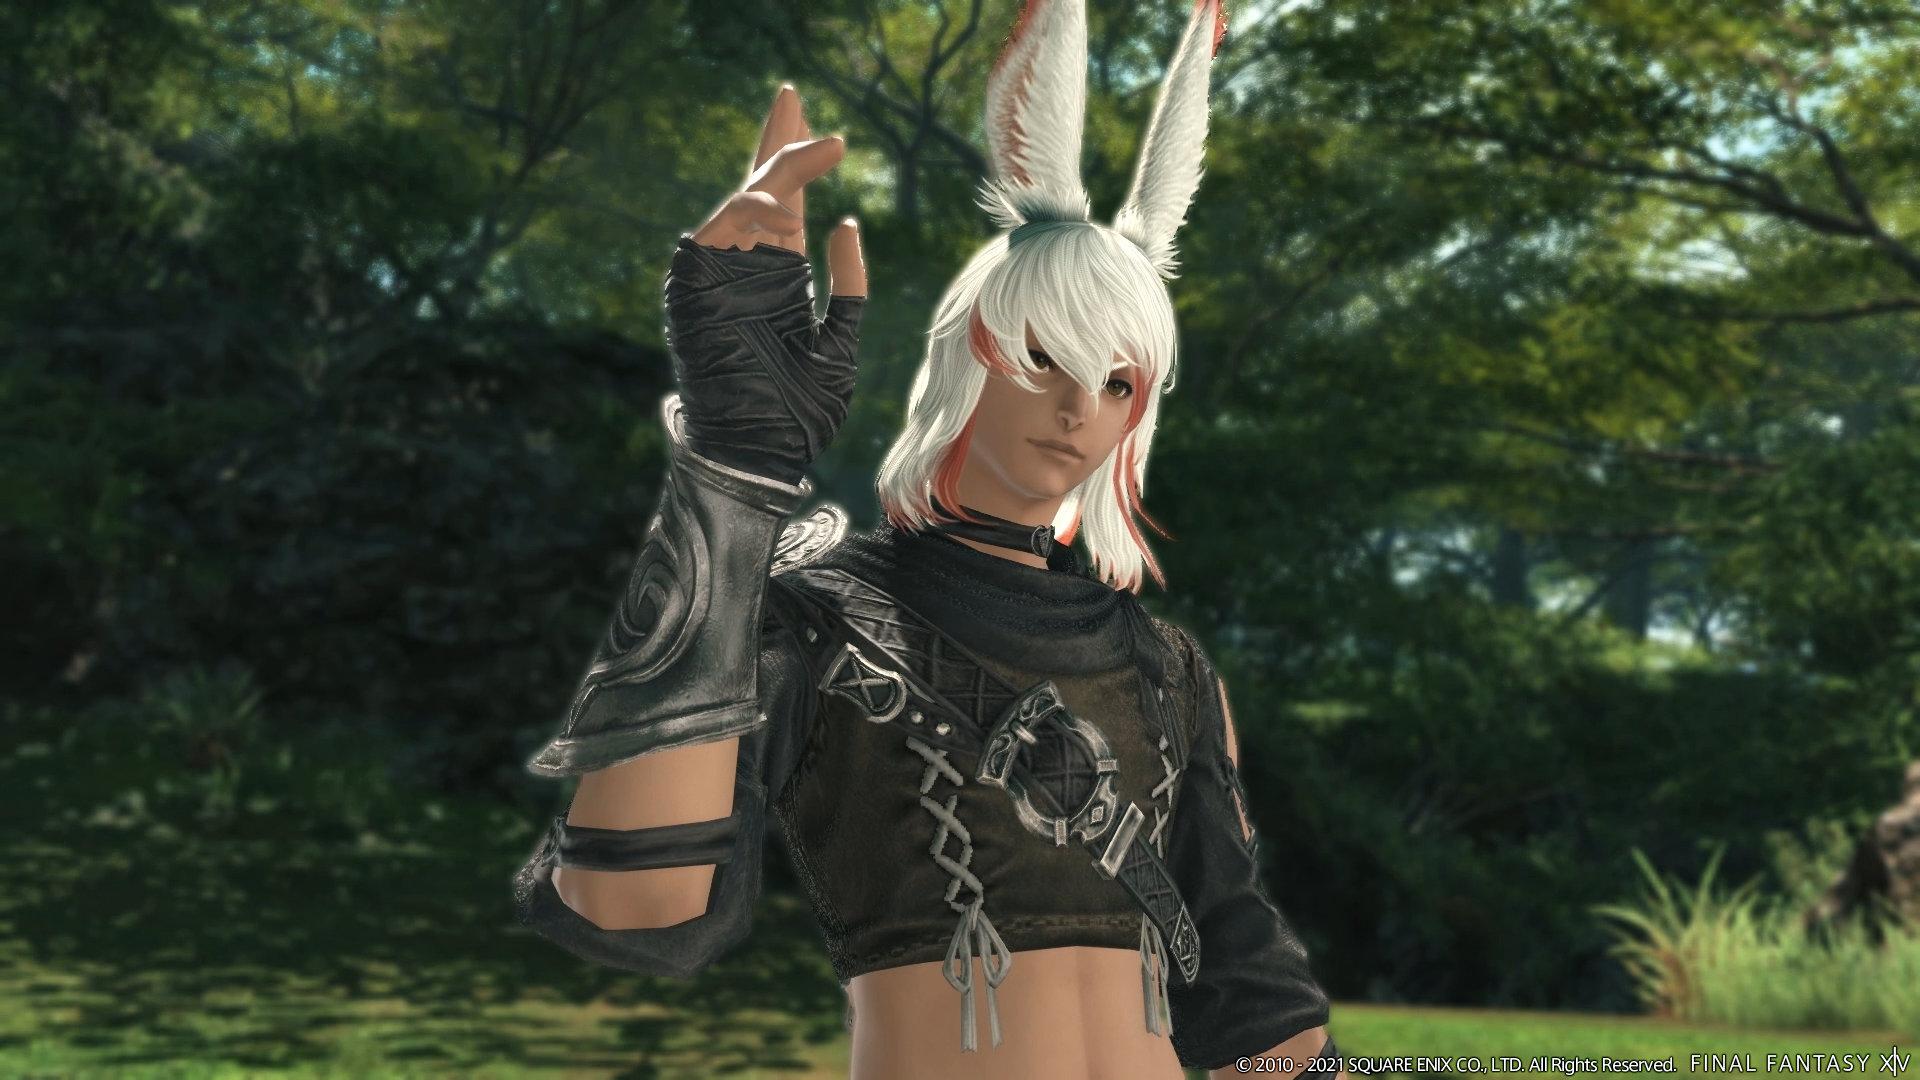 A male Viera, or bunny boy, in Final Fantasy XIV: Endwalker.